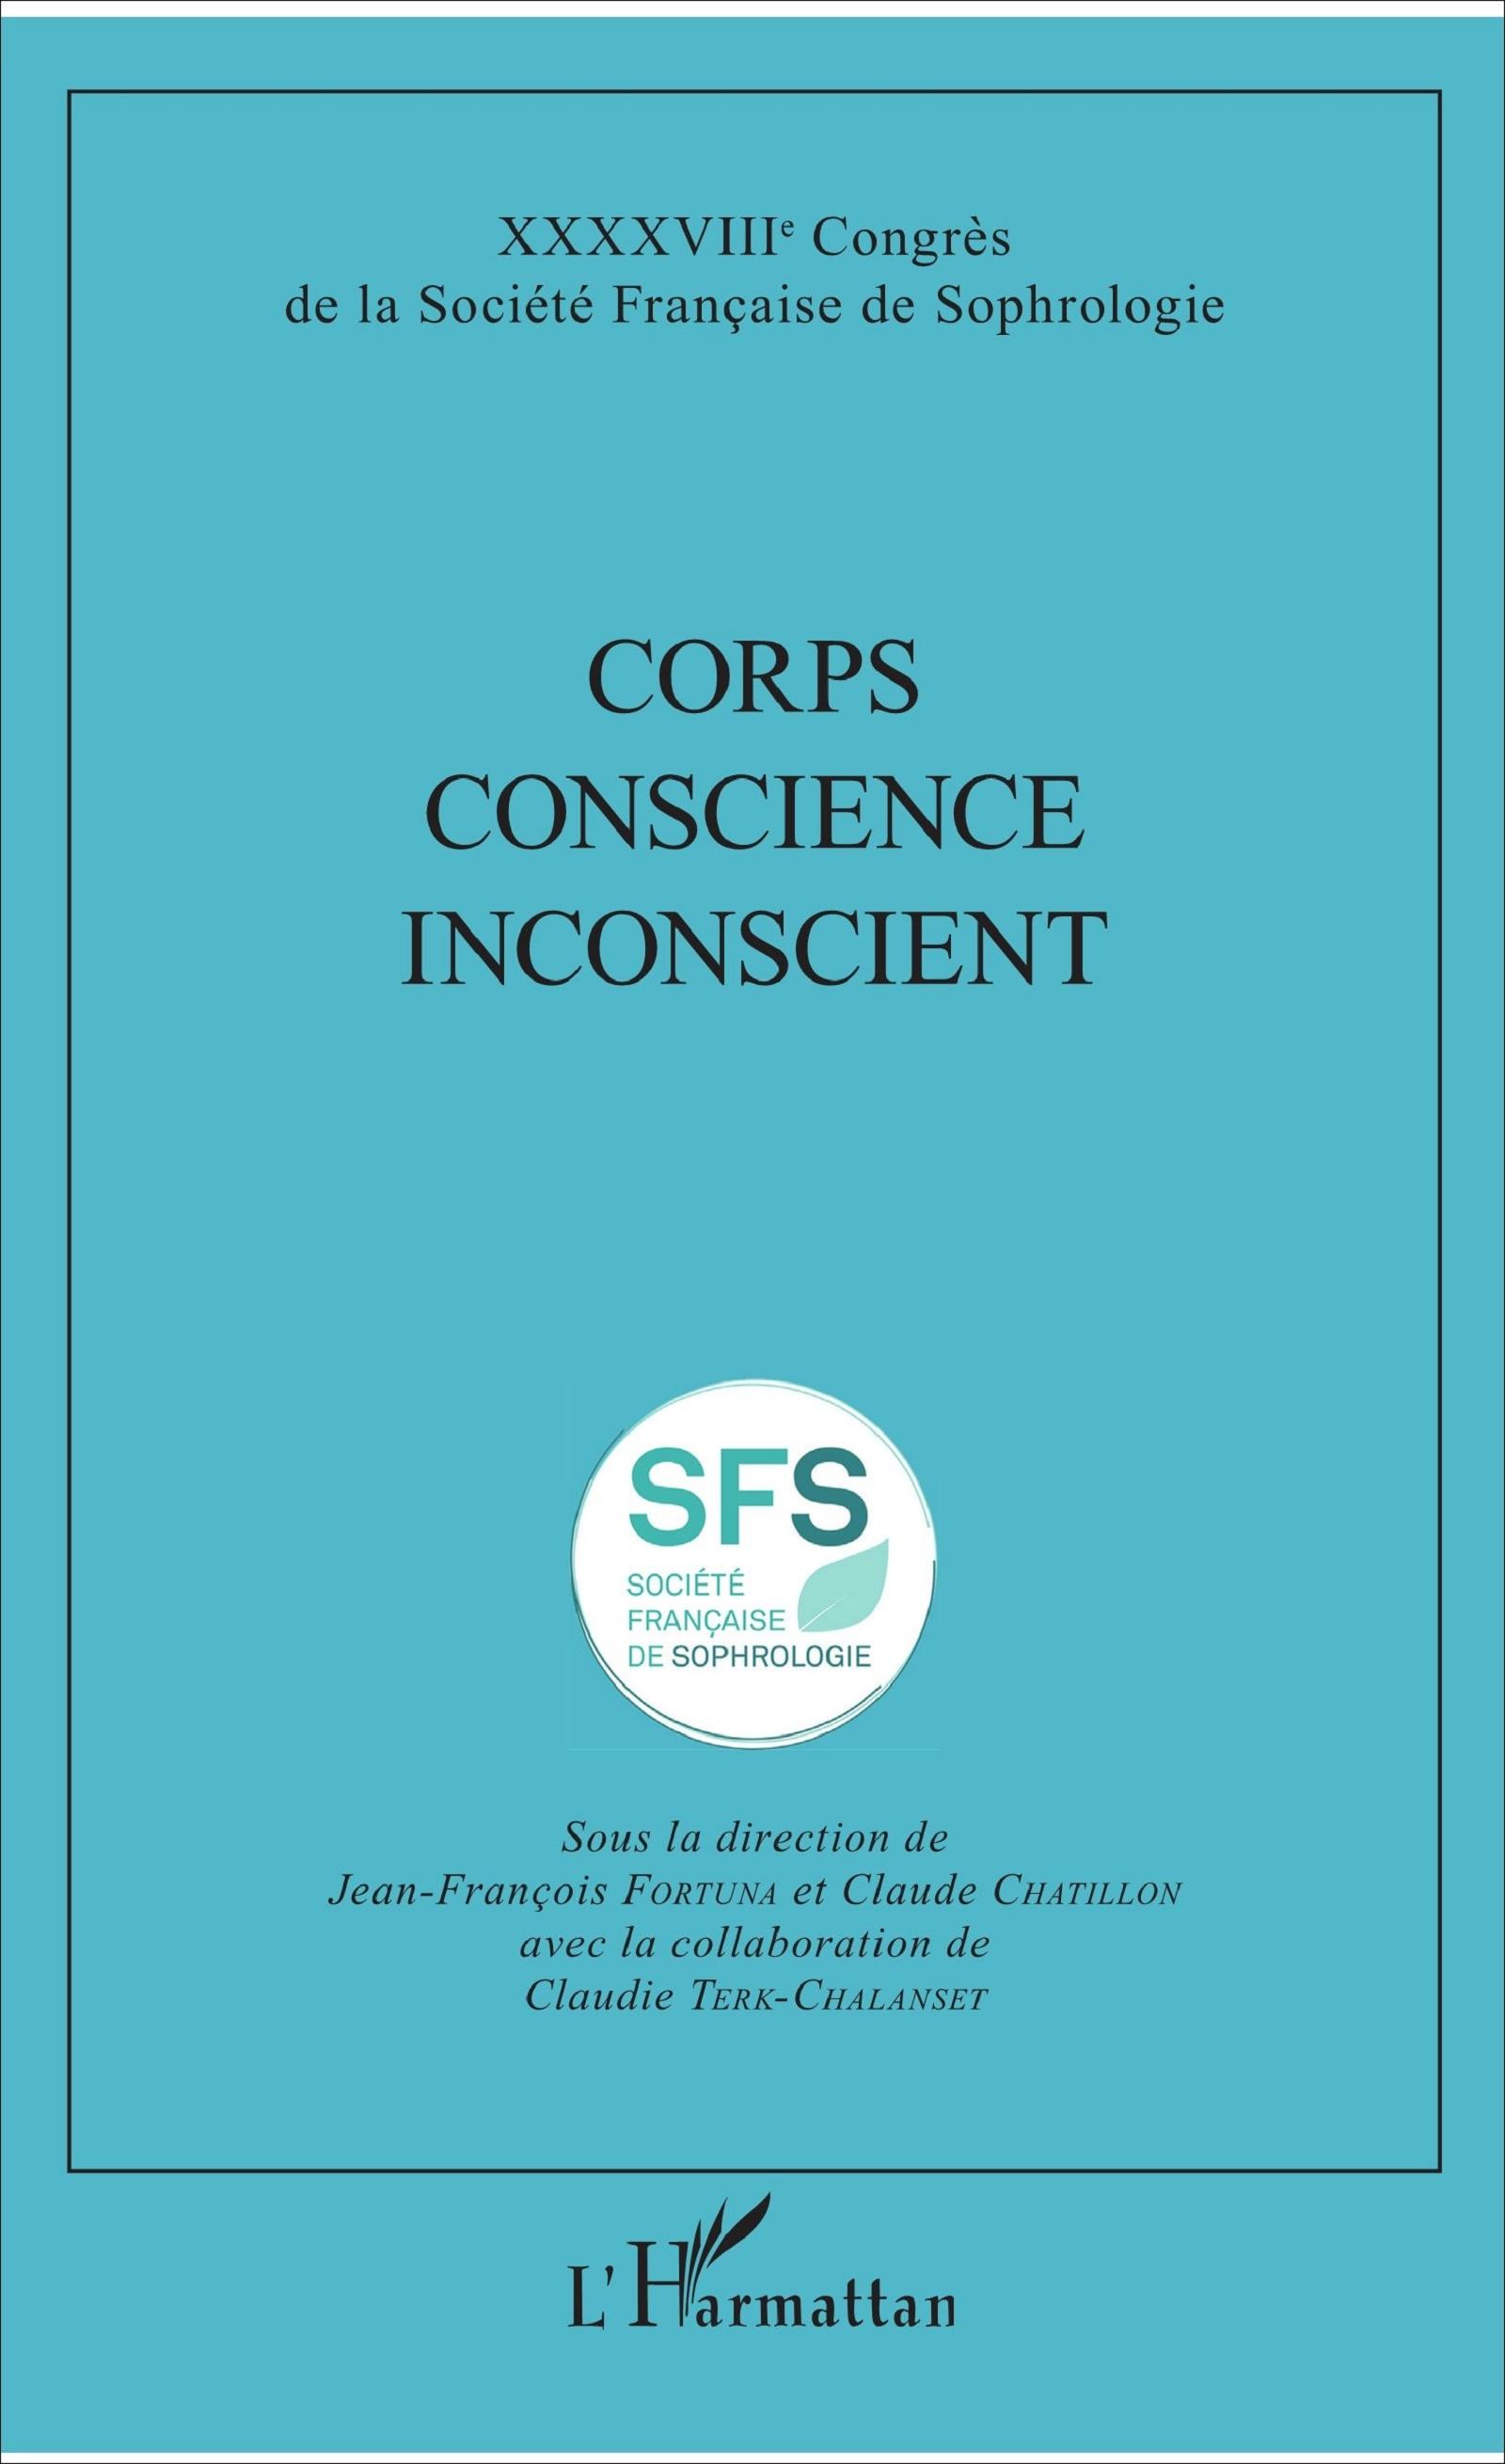 CORPS CONSCIENCE INCONSCIENT - XXXXVIIIE CONGRES DE LA SOCIETE FRANCAISE DE SOPHROLOGIE